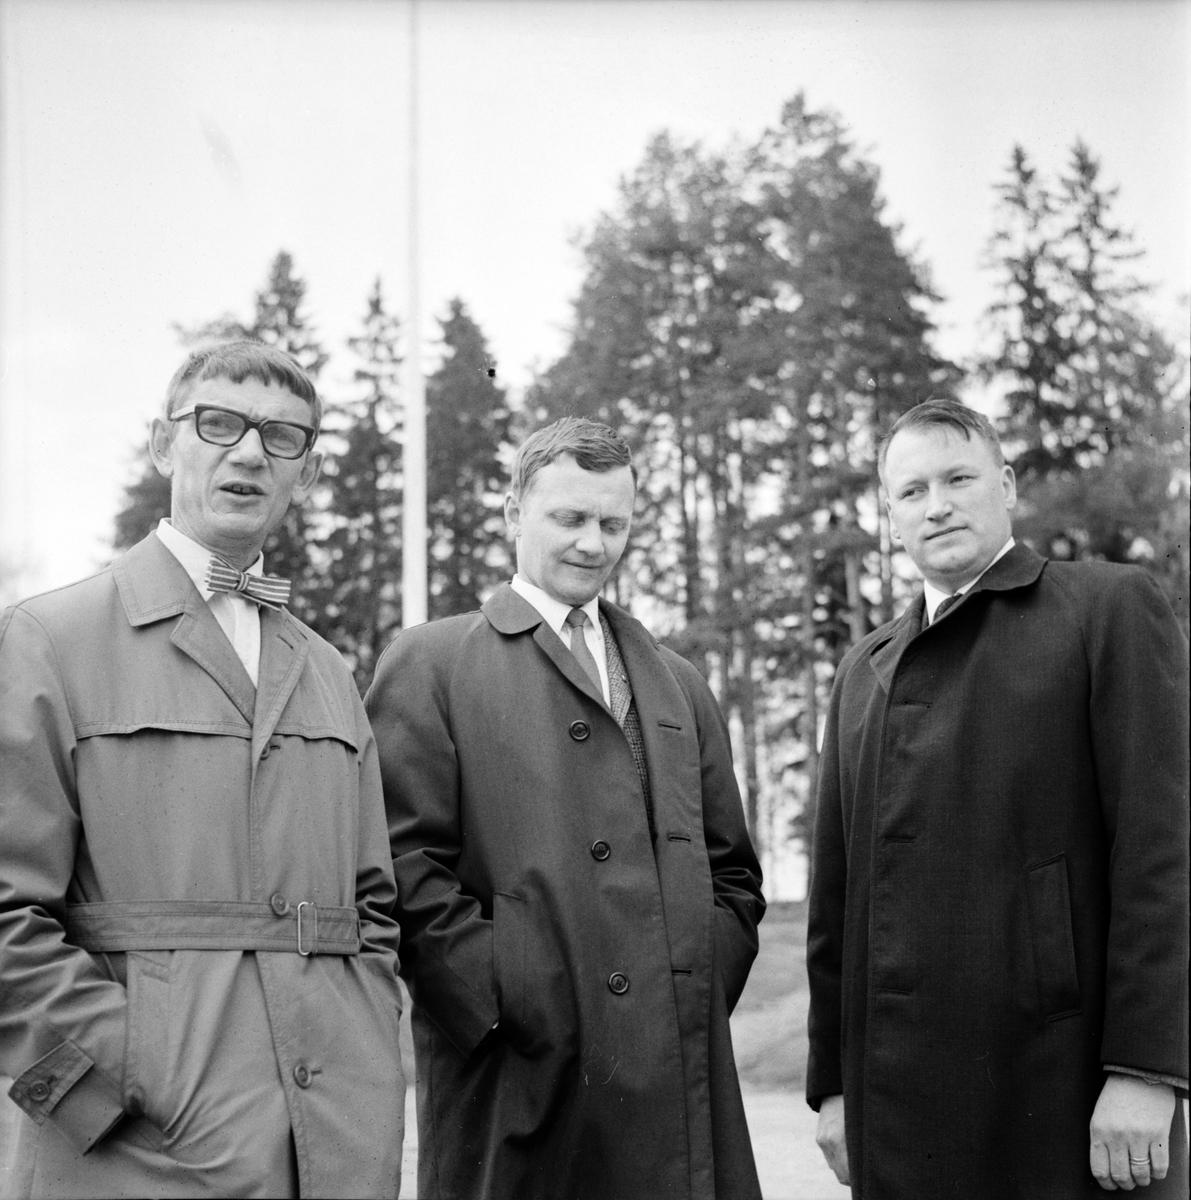 Nytorp, Årskursen avslutas, Maj 1969